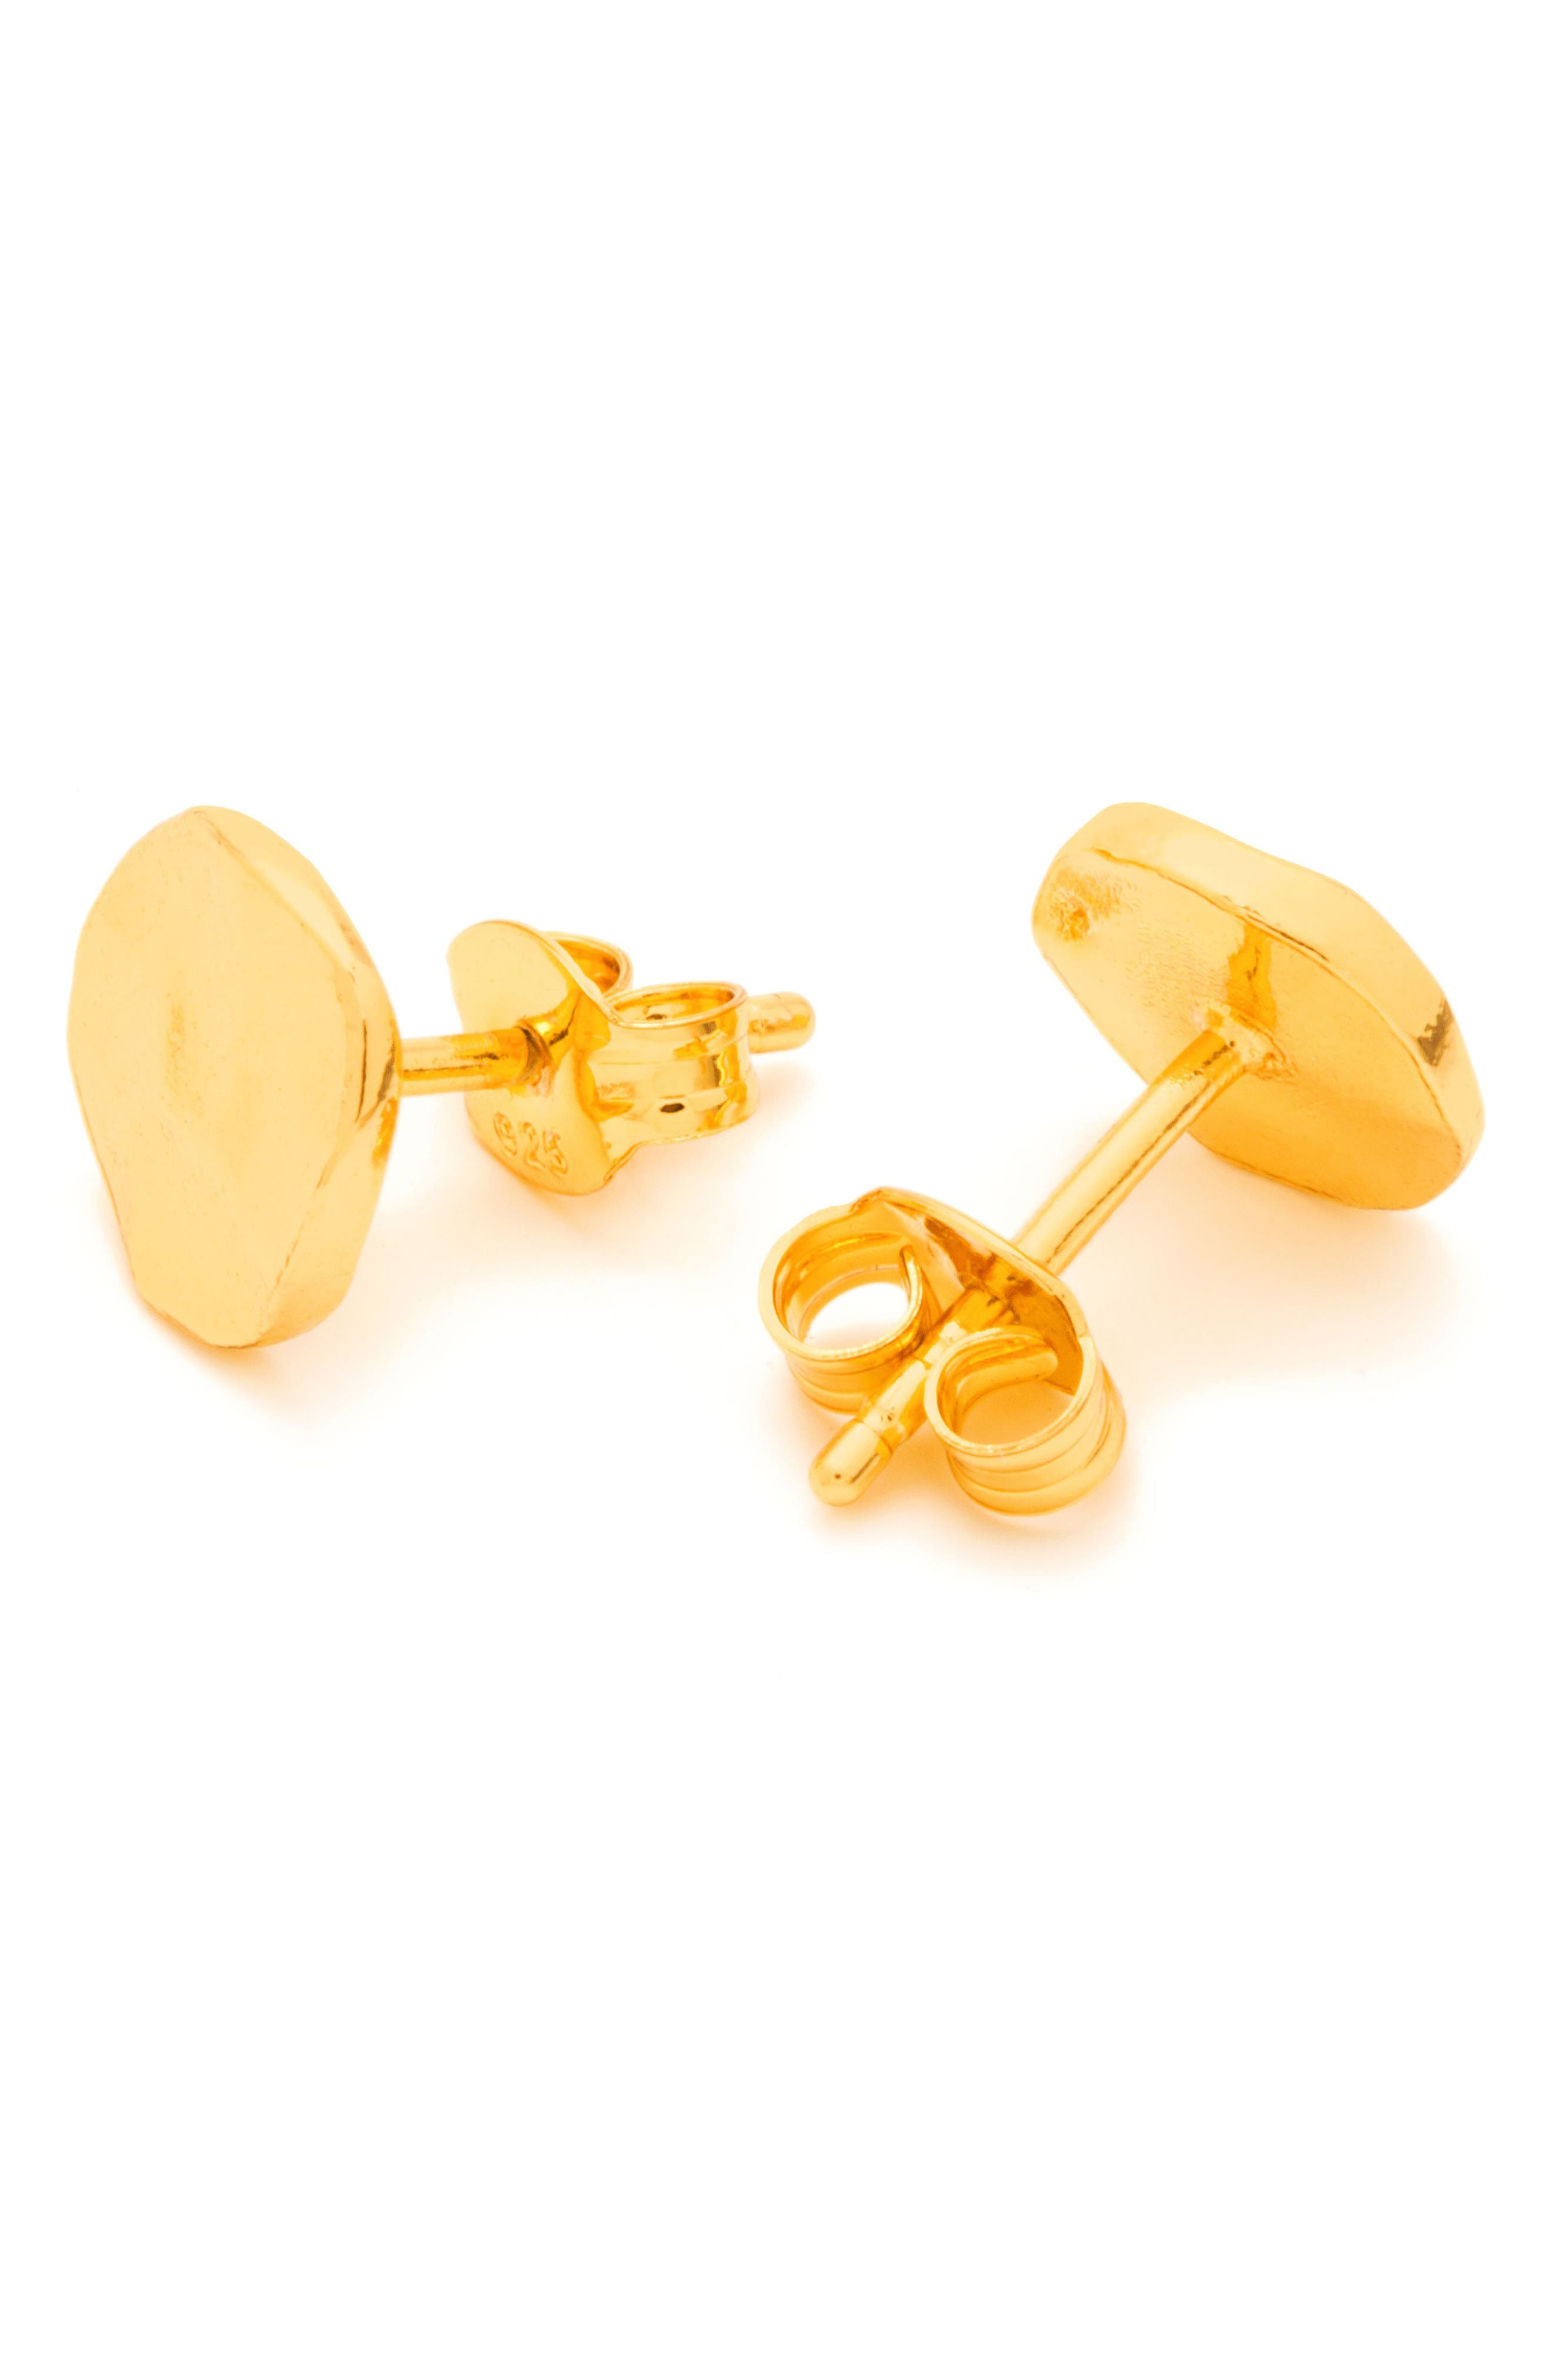 Alternate Image 3  - gorjana 'Chloe' Small Stud Earrings